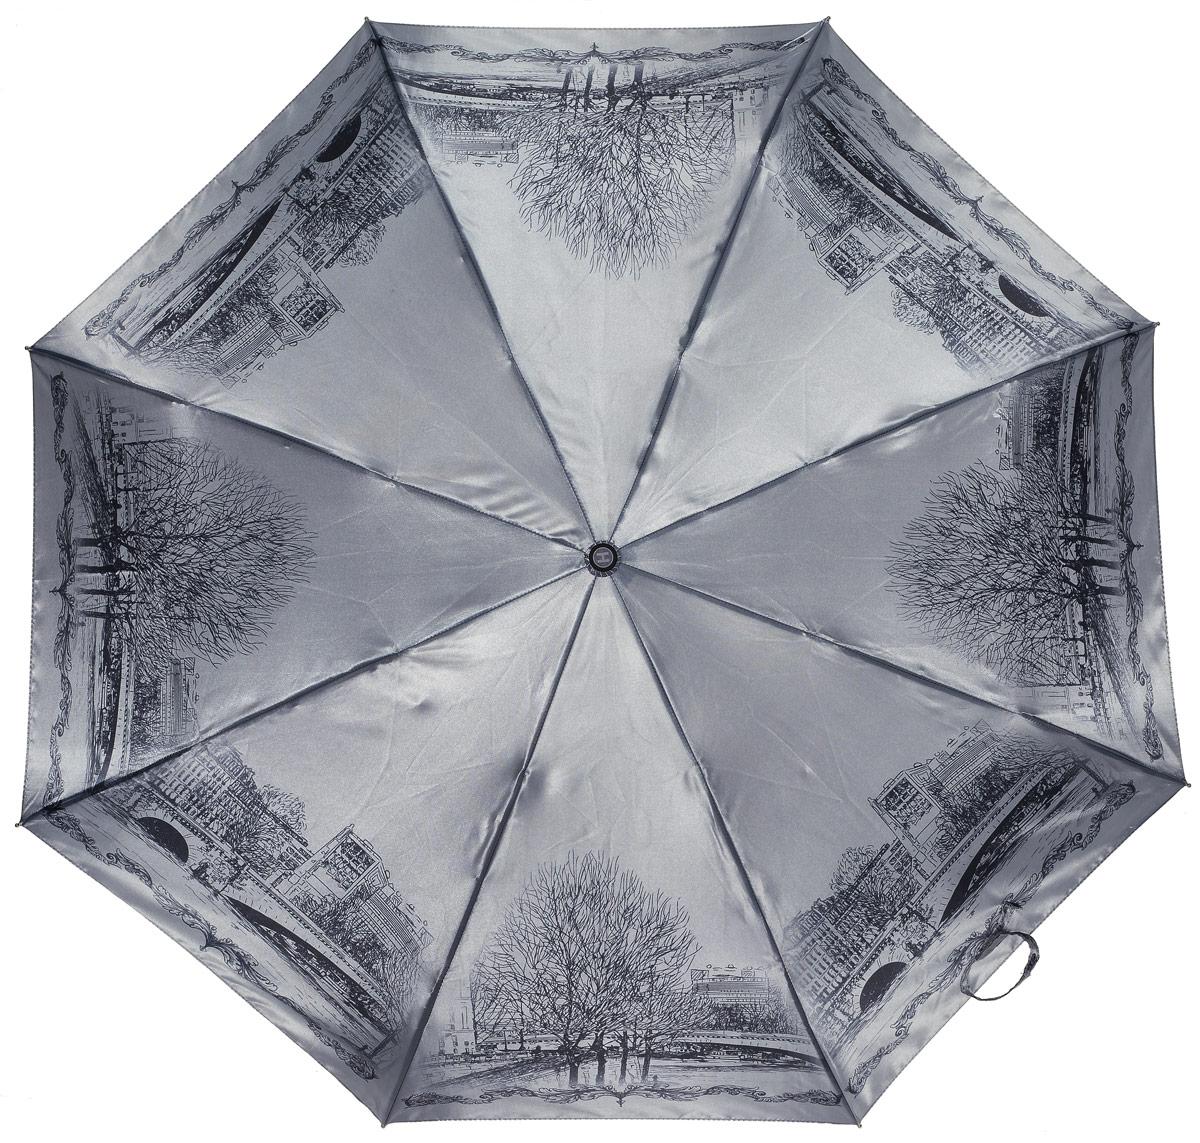 Зонт женский Henry Backer, 3 сложения, цвет: серый. U21201 Old BridgeU21201 Old BridgeЖенский зонт с сатиновым куполом «Старый мост», автомат Прочный, со стальными спицами и большим куполом зонт-автомат. У зонта ветроустойчивый каркас и удобная, нескользящая в ладони рукоять.